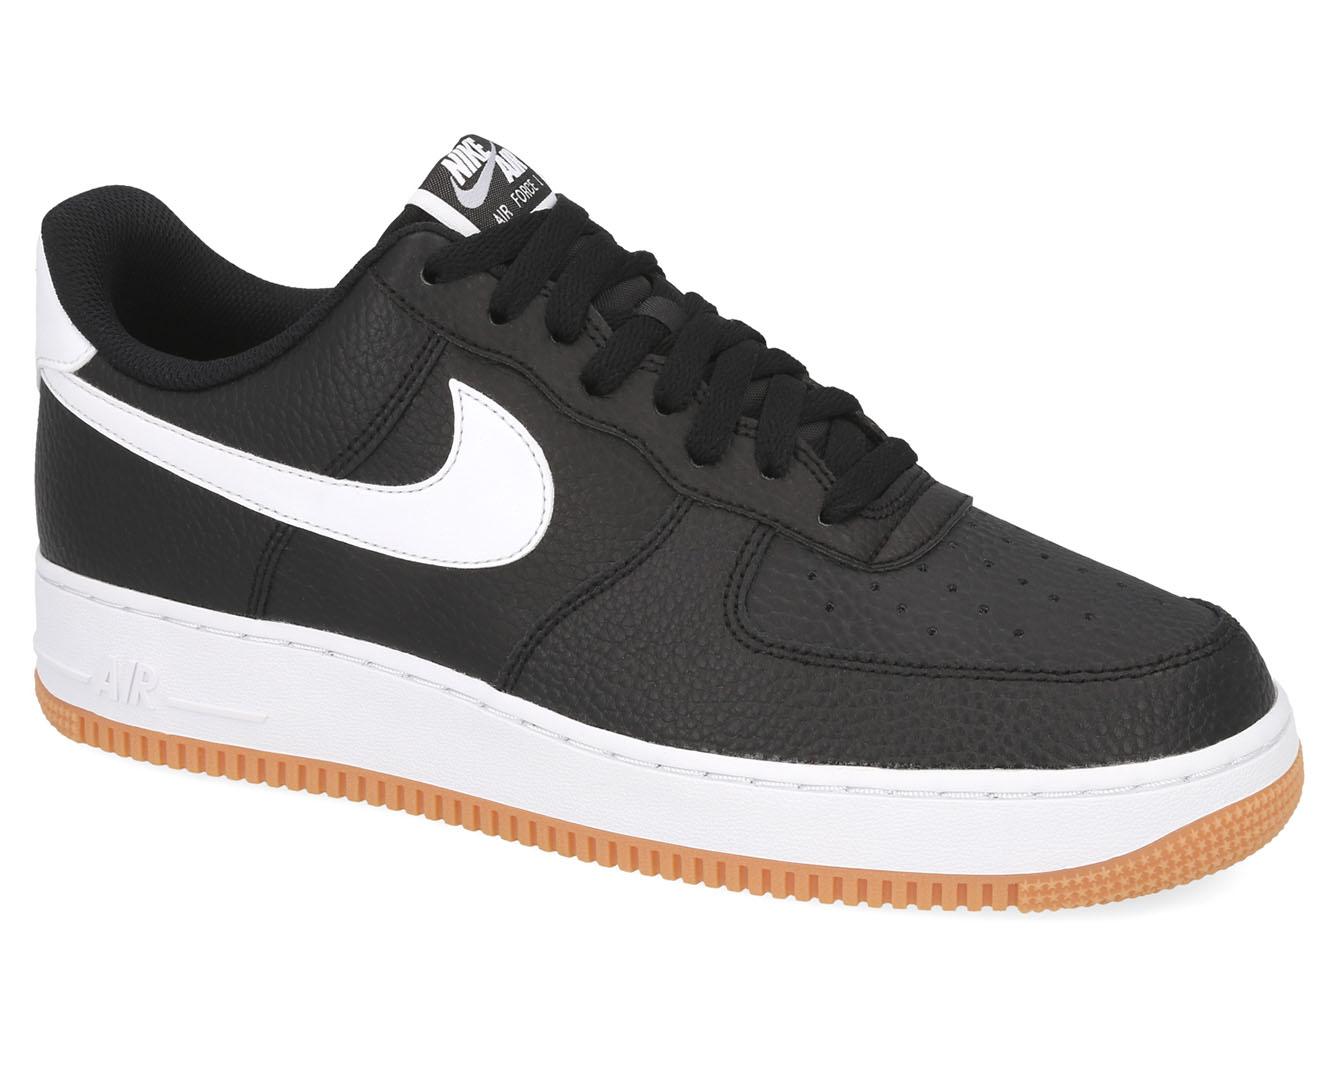 Nike Men's Air Force 1 '07 2 Sneakers BlackWhiteWolf Grey